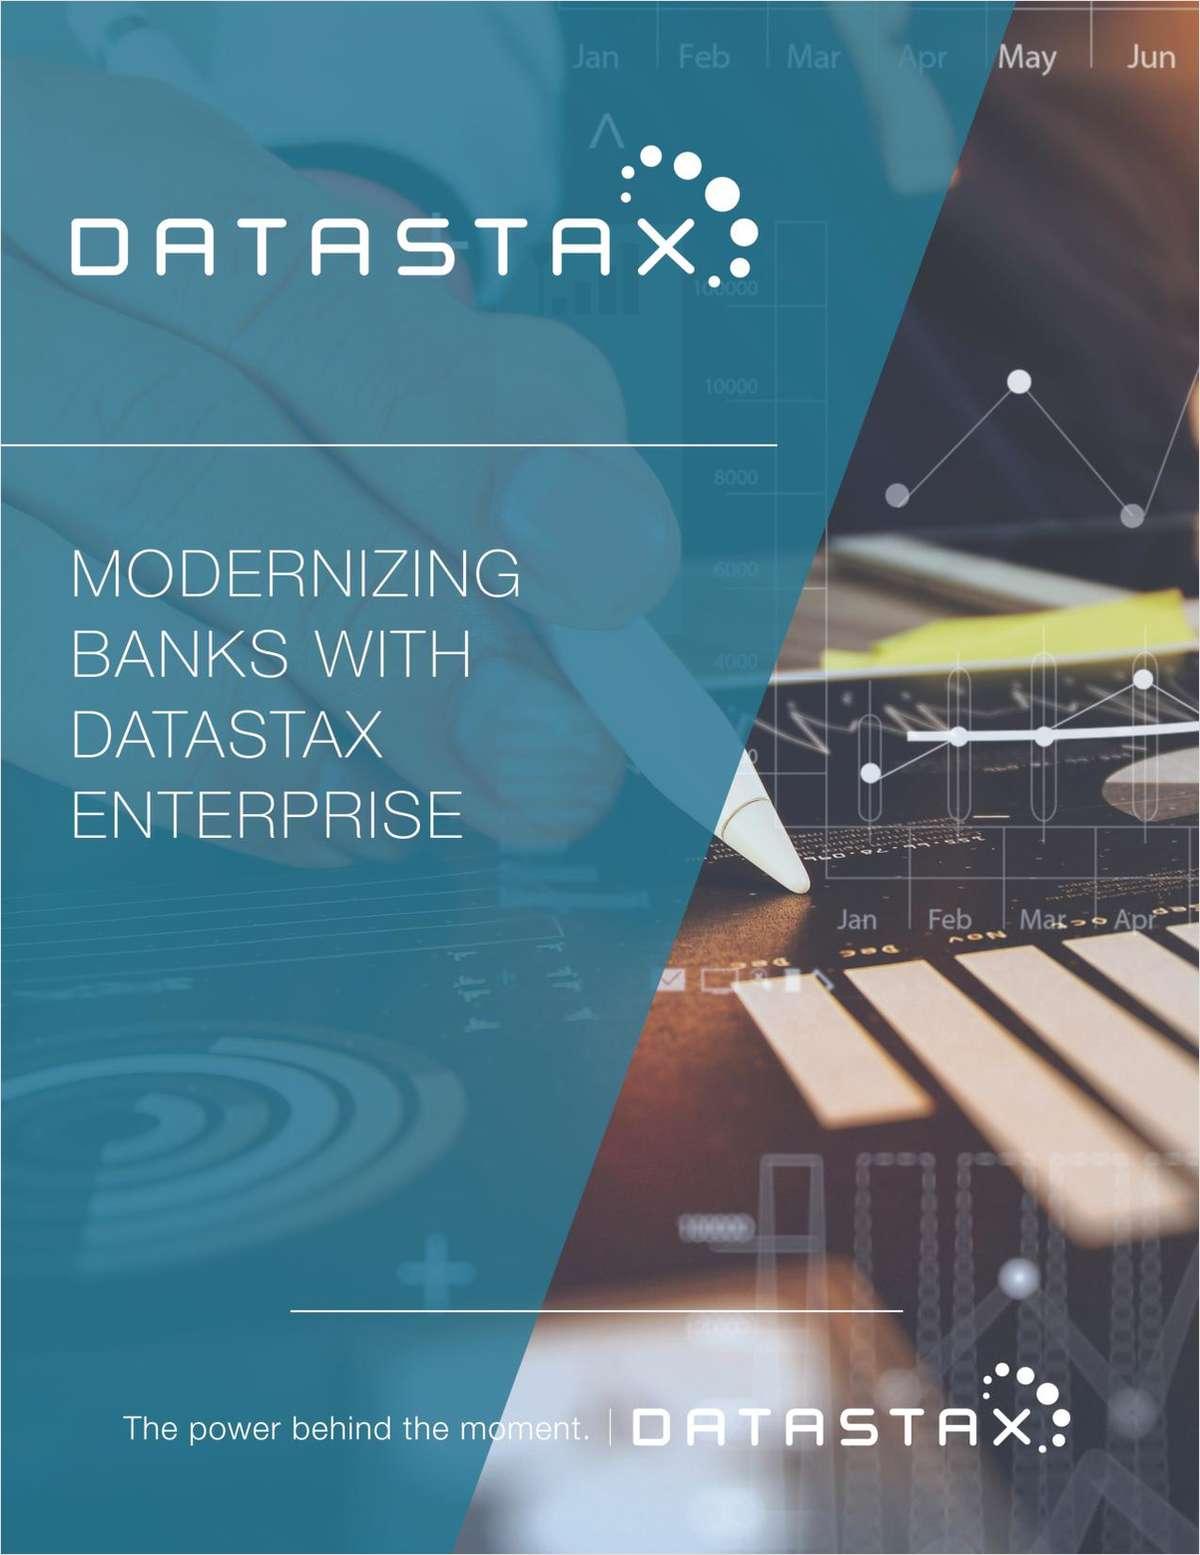 Modernizing Banks With DataStax Enterprise